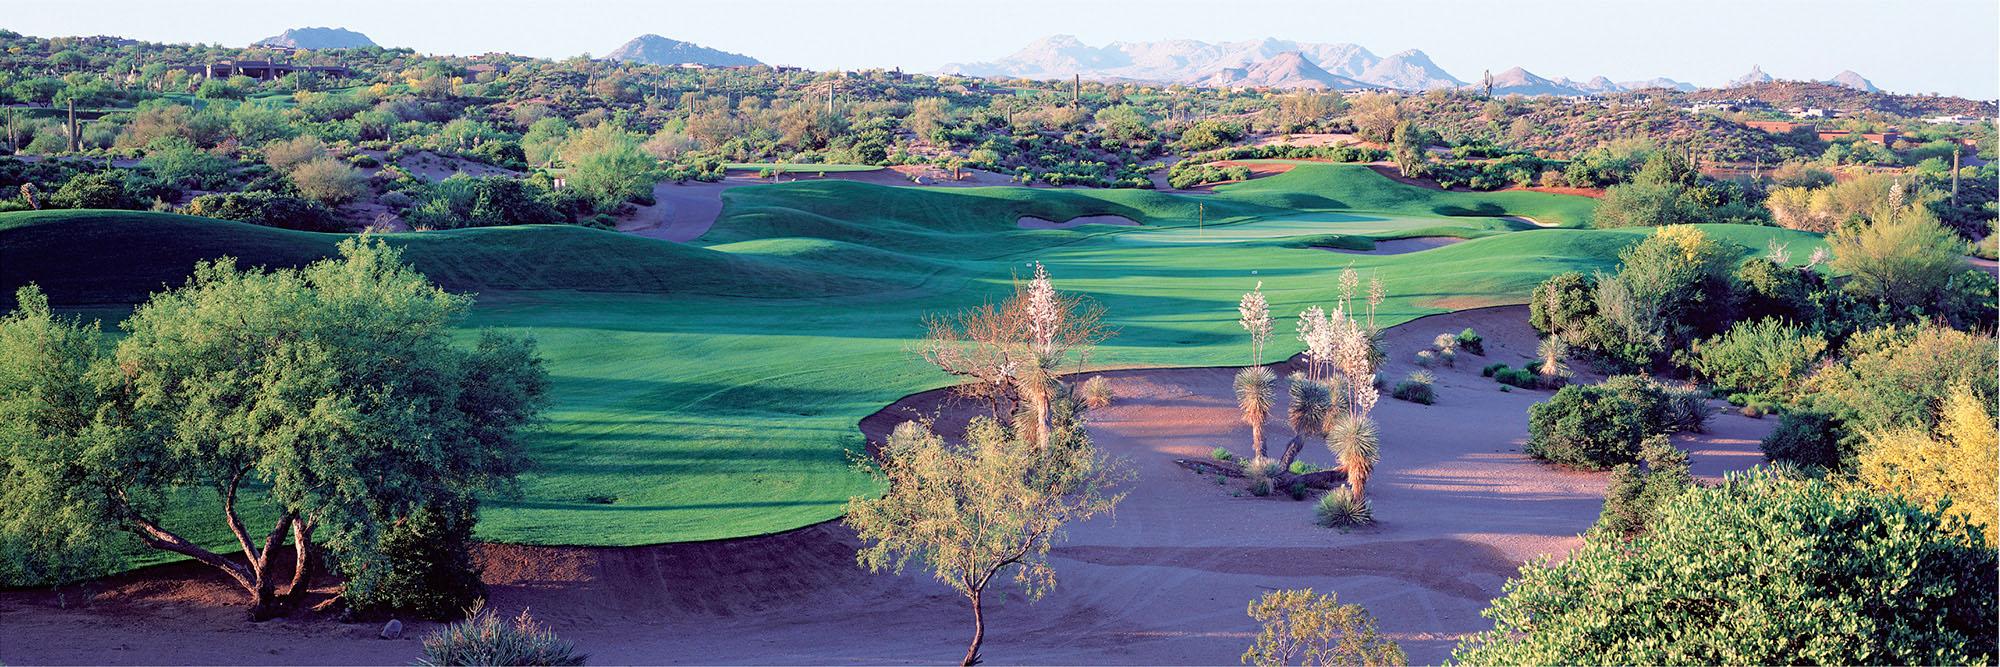 Golf Course Image - Desert Mountain Geronimo No. 16